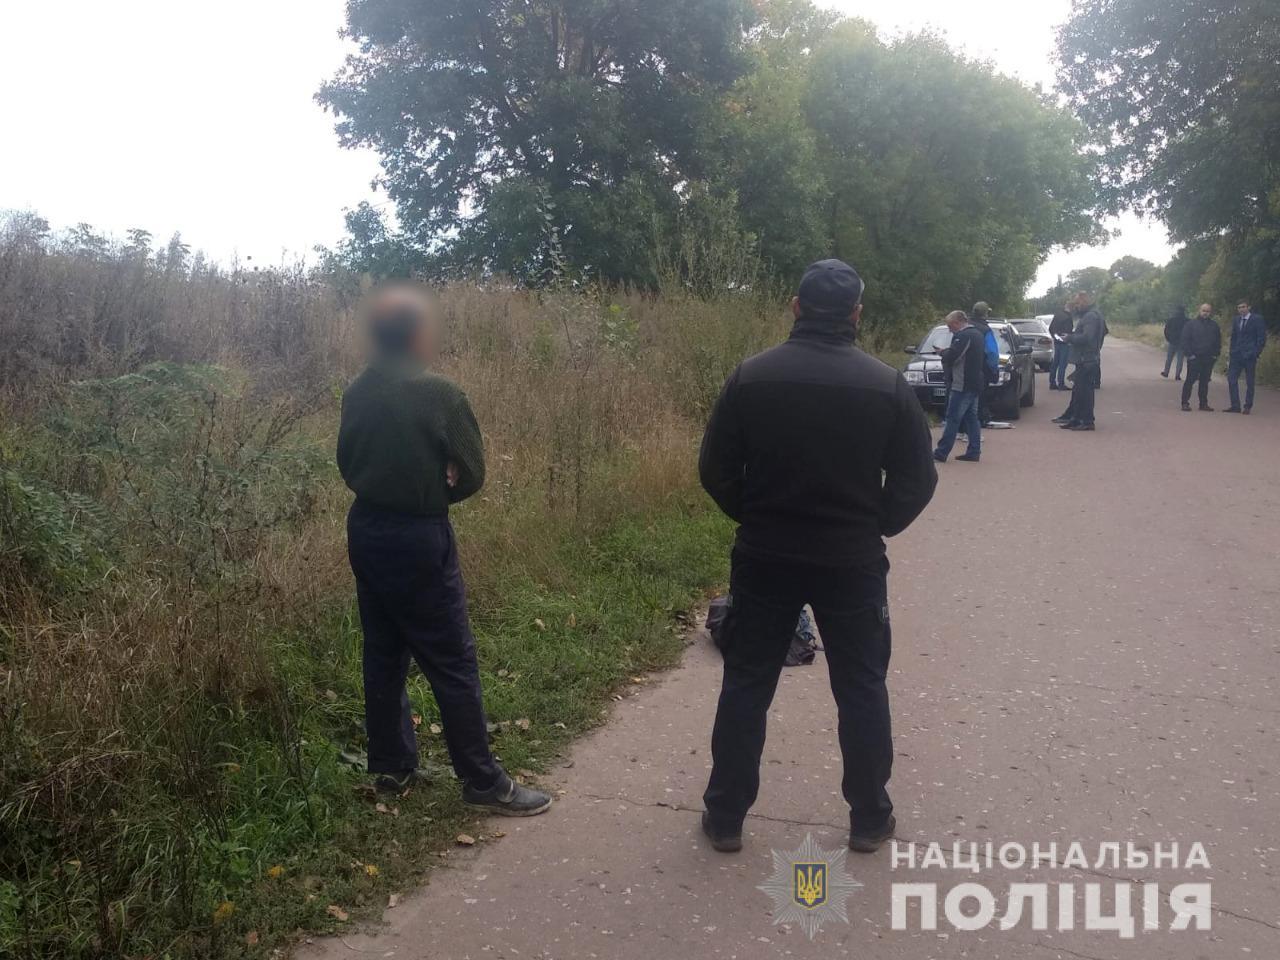 Связал руки и одел пакет на голову: в Сумской области мужчина жестоко убил сына